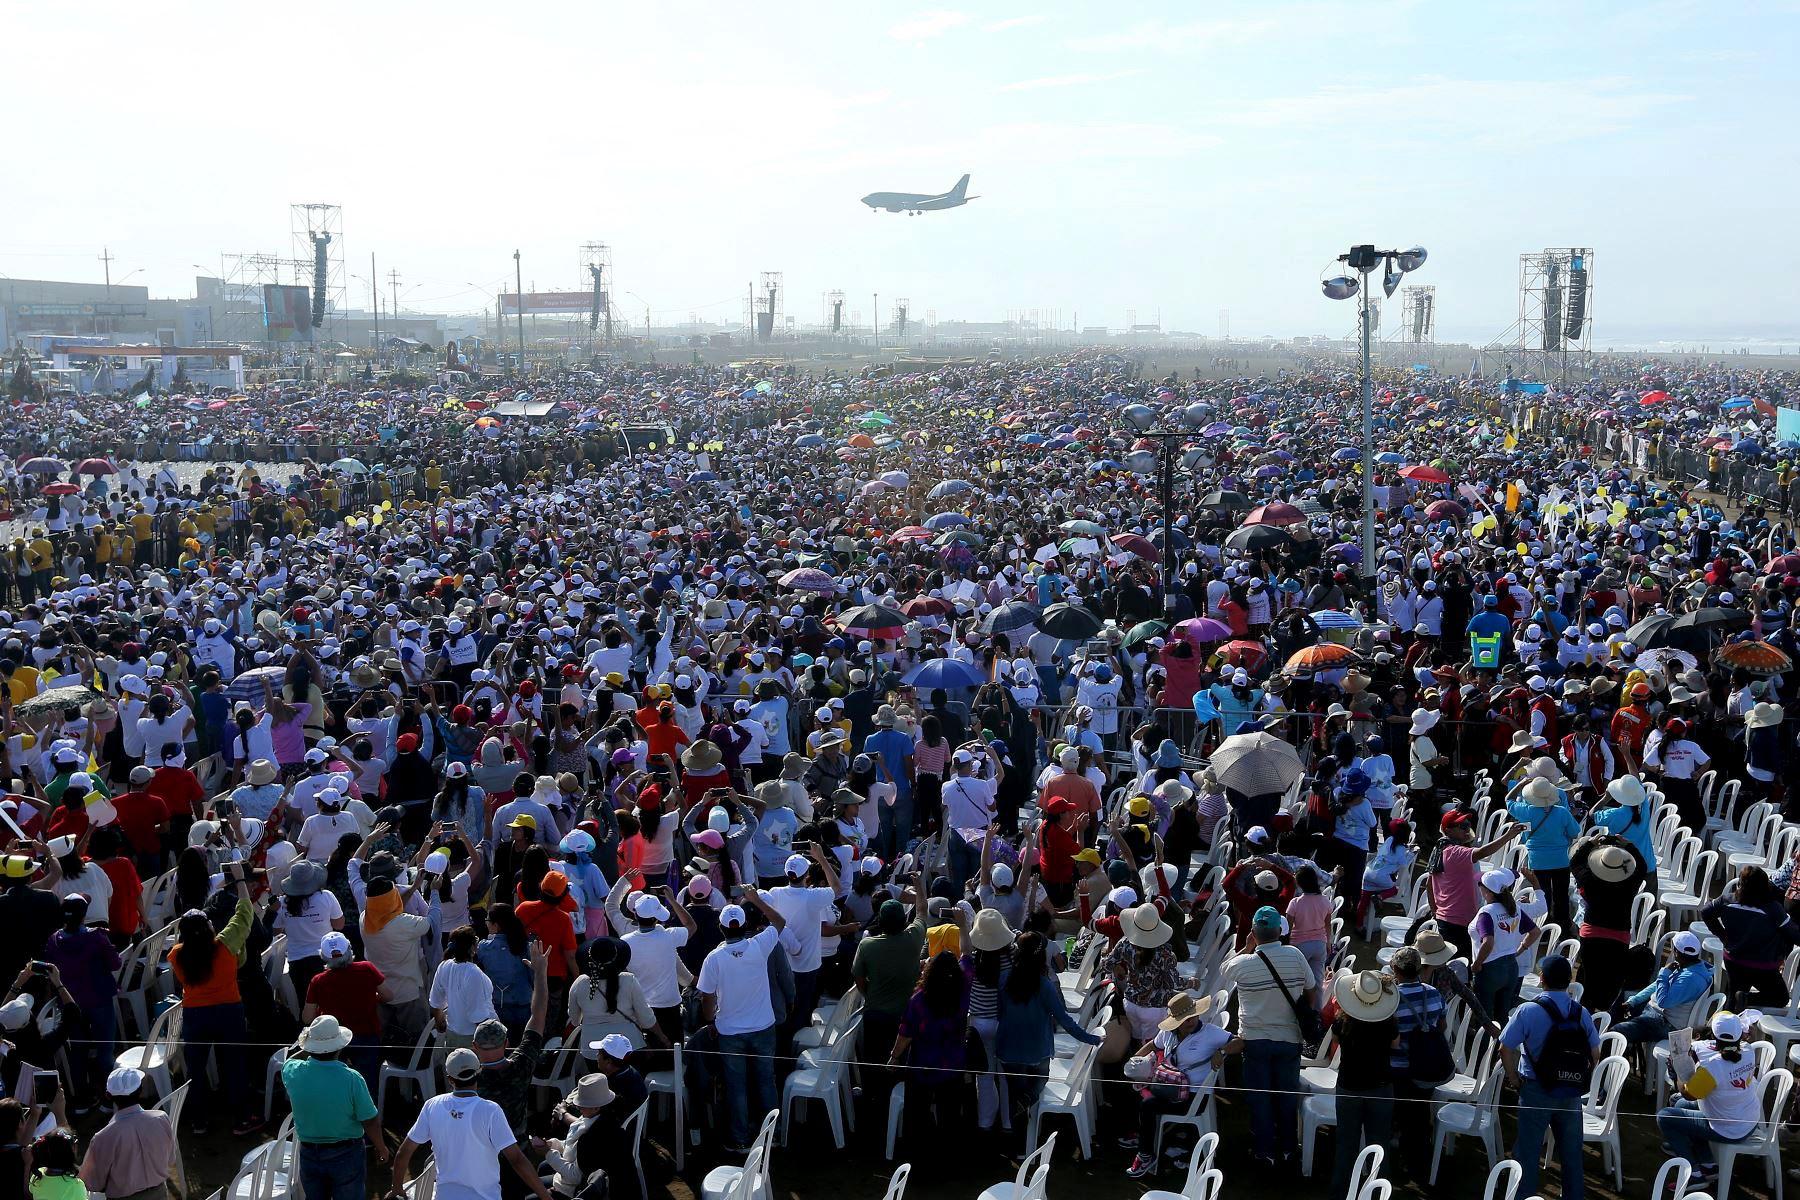 Fotografía tomada el 20 enero 2018 /  Una multitud de gente espera al Papa Francisco en Huanchaco,Trujillo. Foto: ANDINA/Pável Ugaz